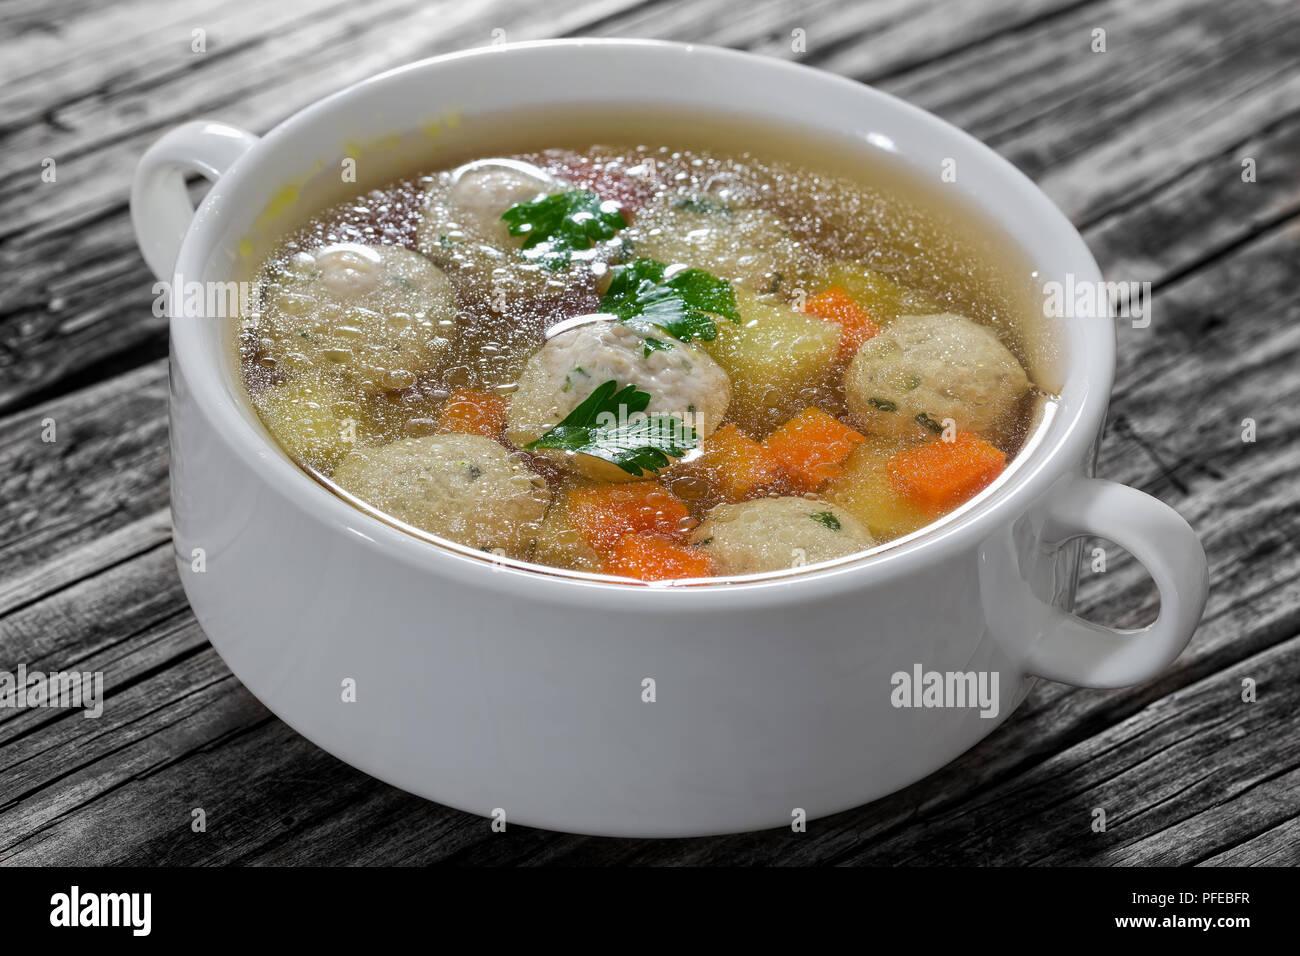 Délicieux produits biologiques soupe au poulet avec des boulettes de viande, les carottes et les pommes de terre saupoudrées de persil dans le bol de soupe traitée deux fois sur la vieille table en bois, close-up Banque D'Images